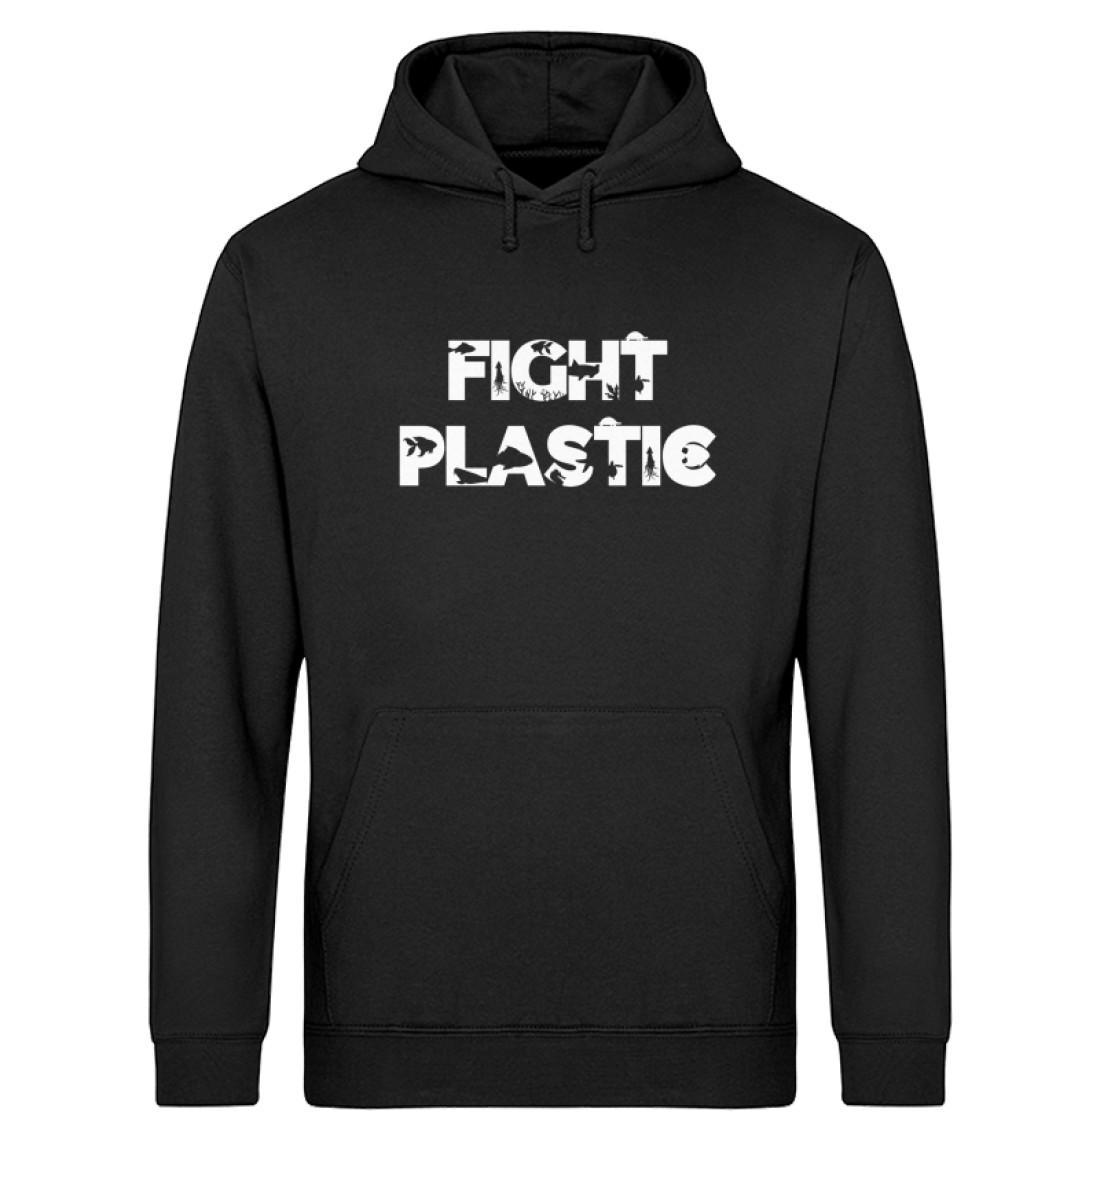 Fight Plastic Hoodie - Unisex Organic Hoodie-16